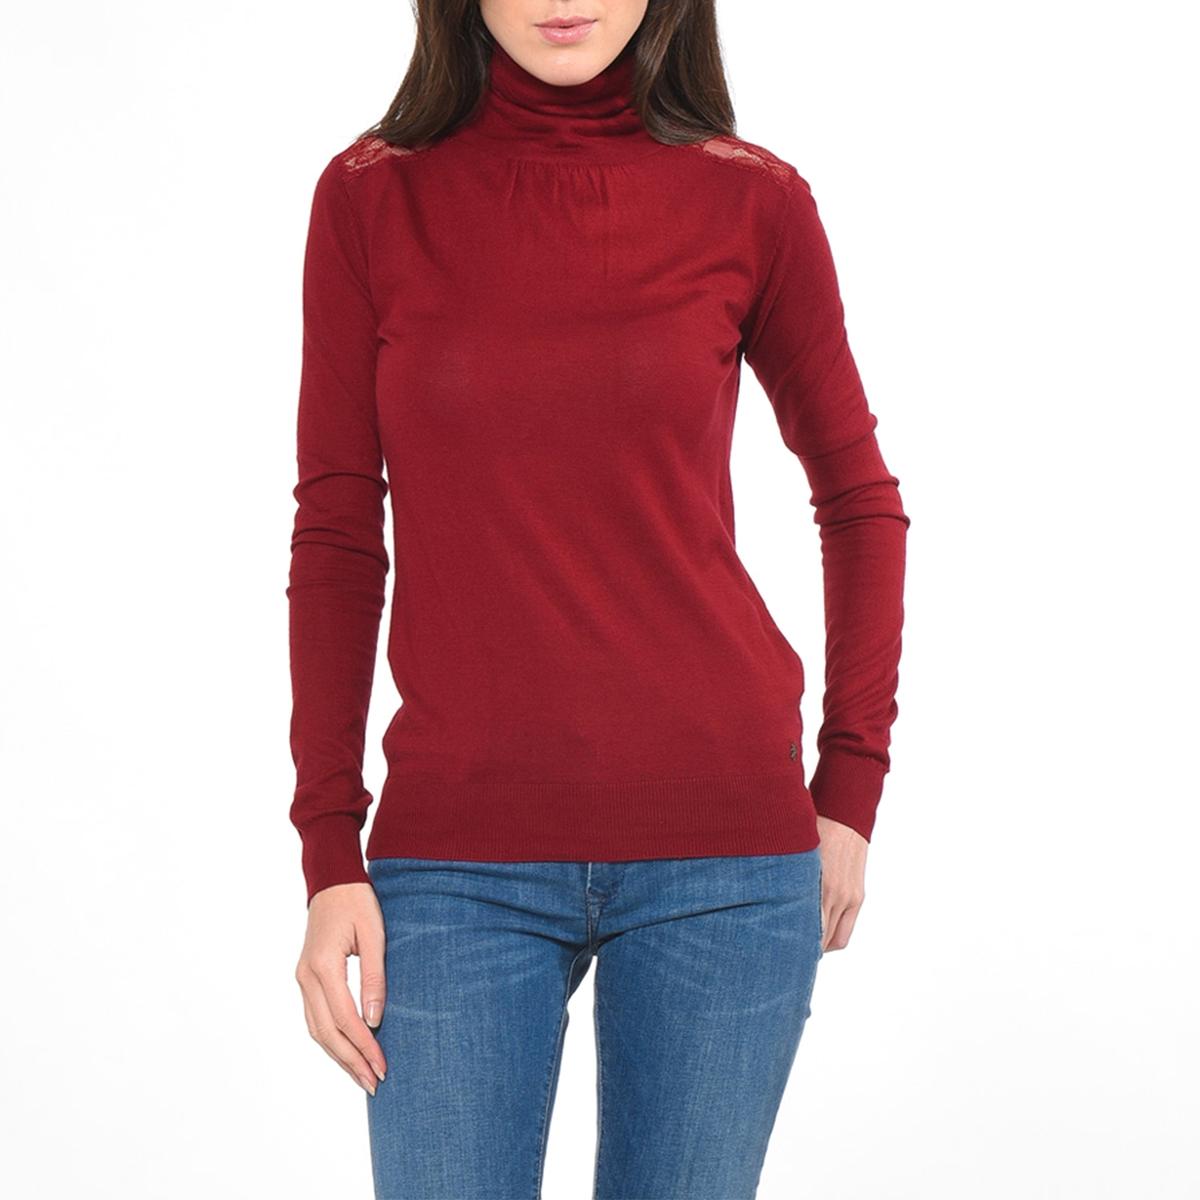 Пуловер с длинными рукавами и отворачивающимся воротником, STANСостав и описаниеМарка :  KAPORALМодель : STANМатериал : 60% вискозы, 40% хлопкаУходМашинная стирка при 30 °C   Стирать с вещами схожих цветов<br><br>Цвет: черный